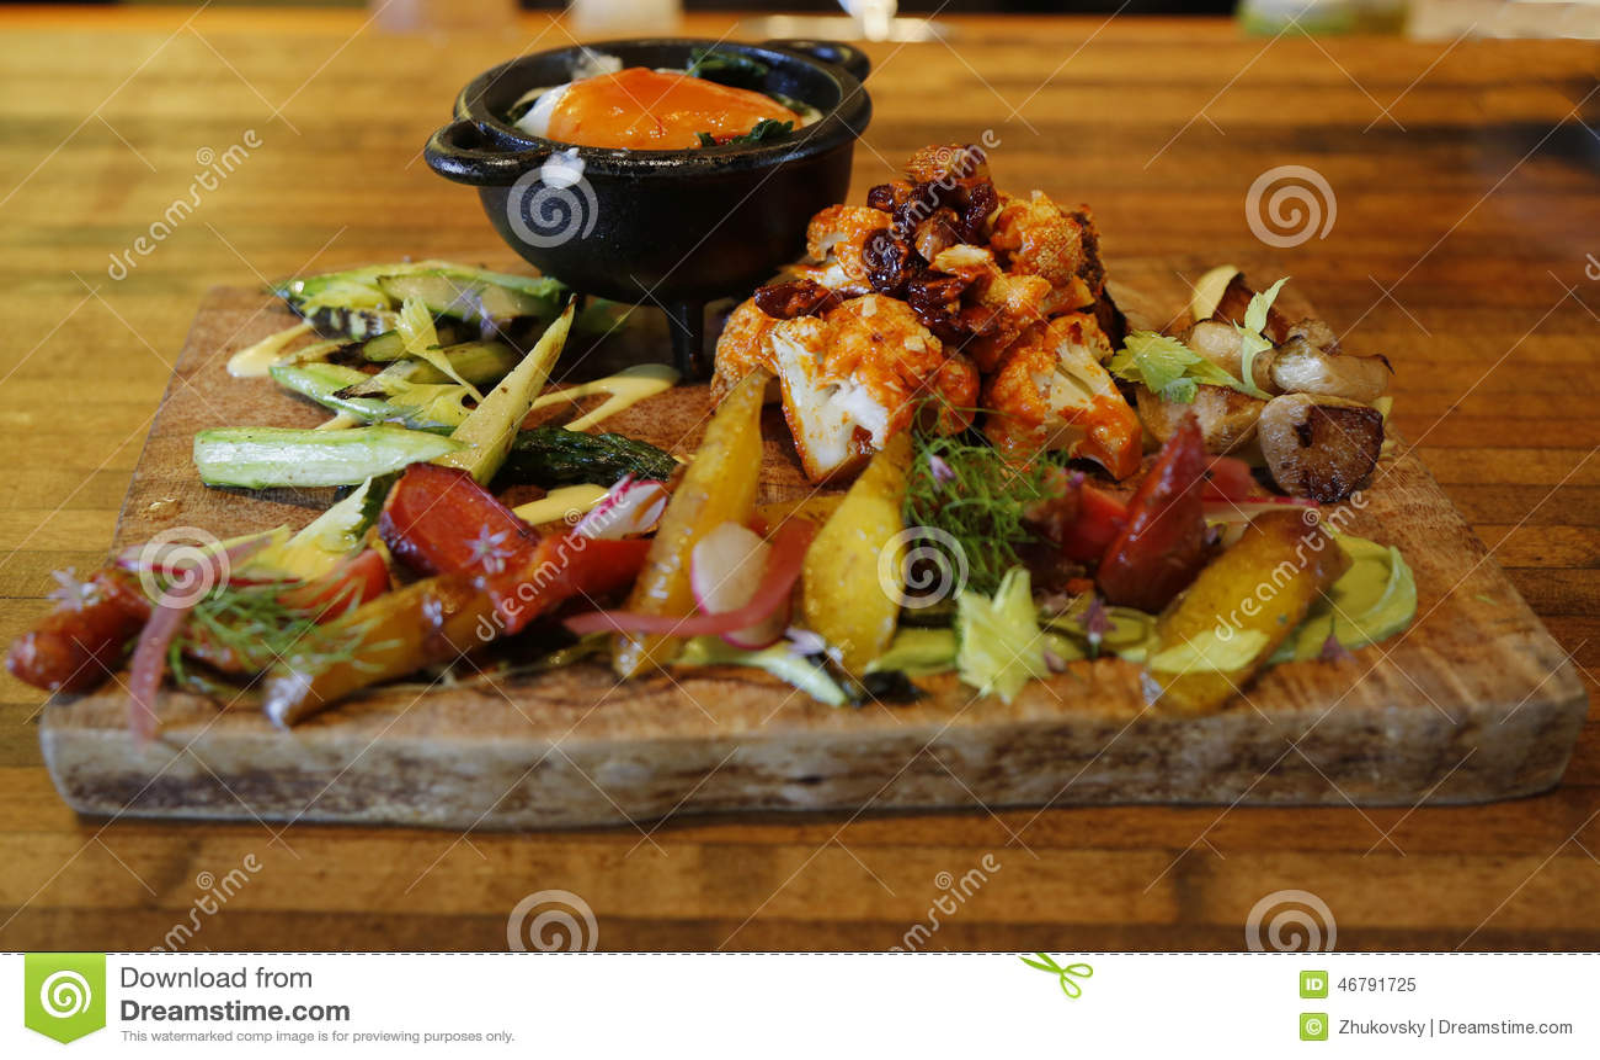 Download Vegetarian dish stock image. Image of board, gourmet - 46791725